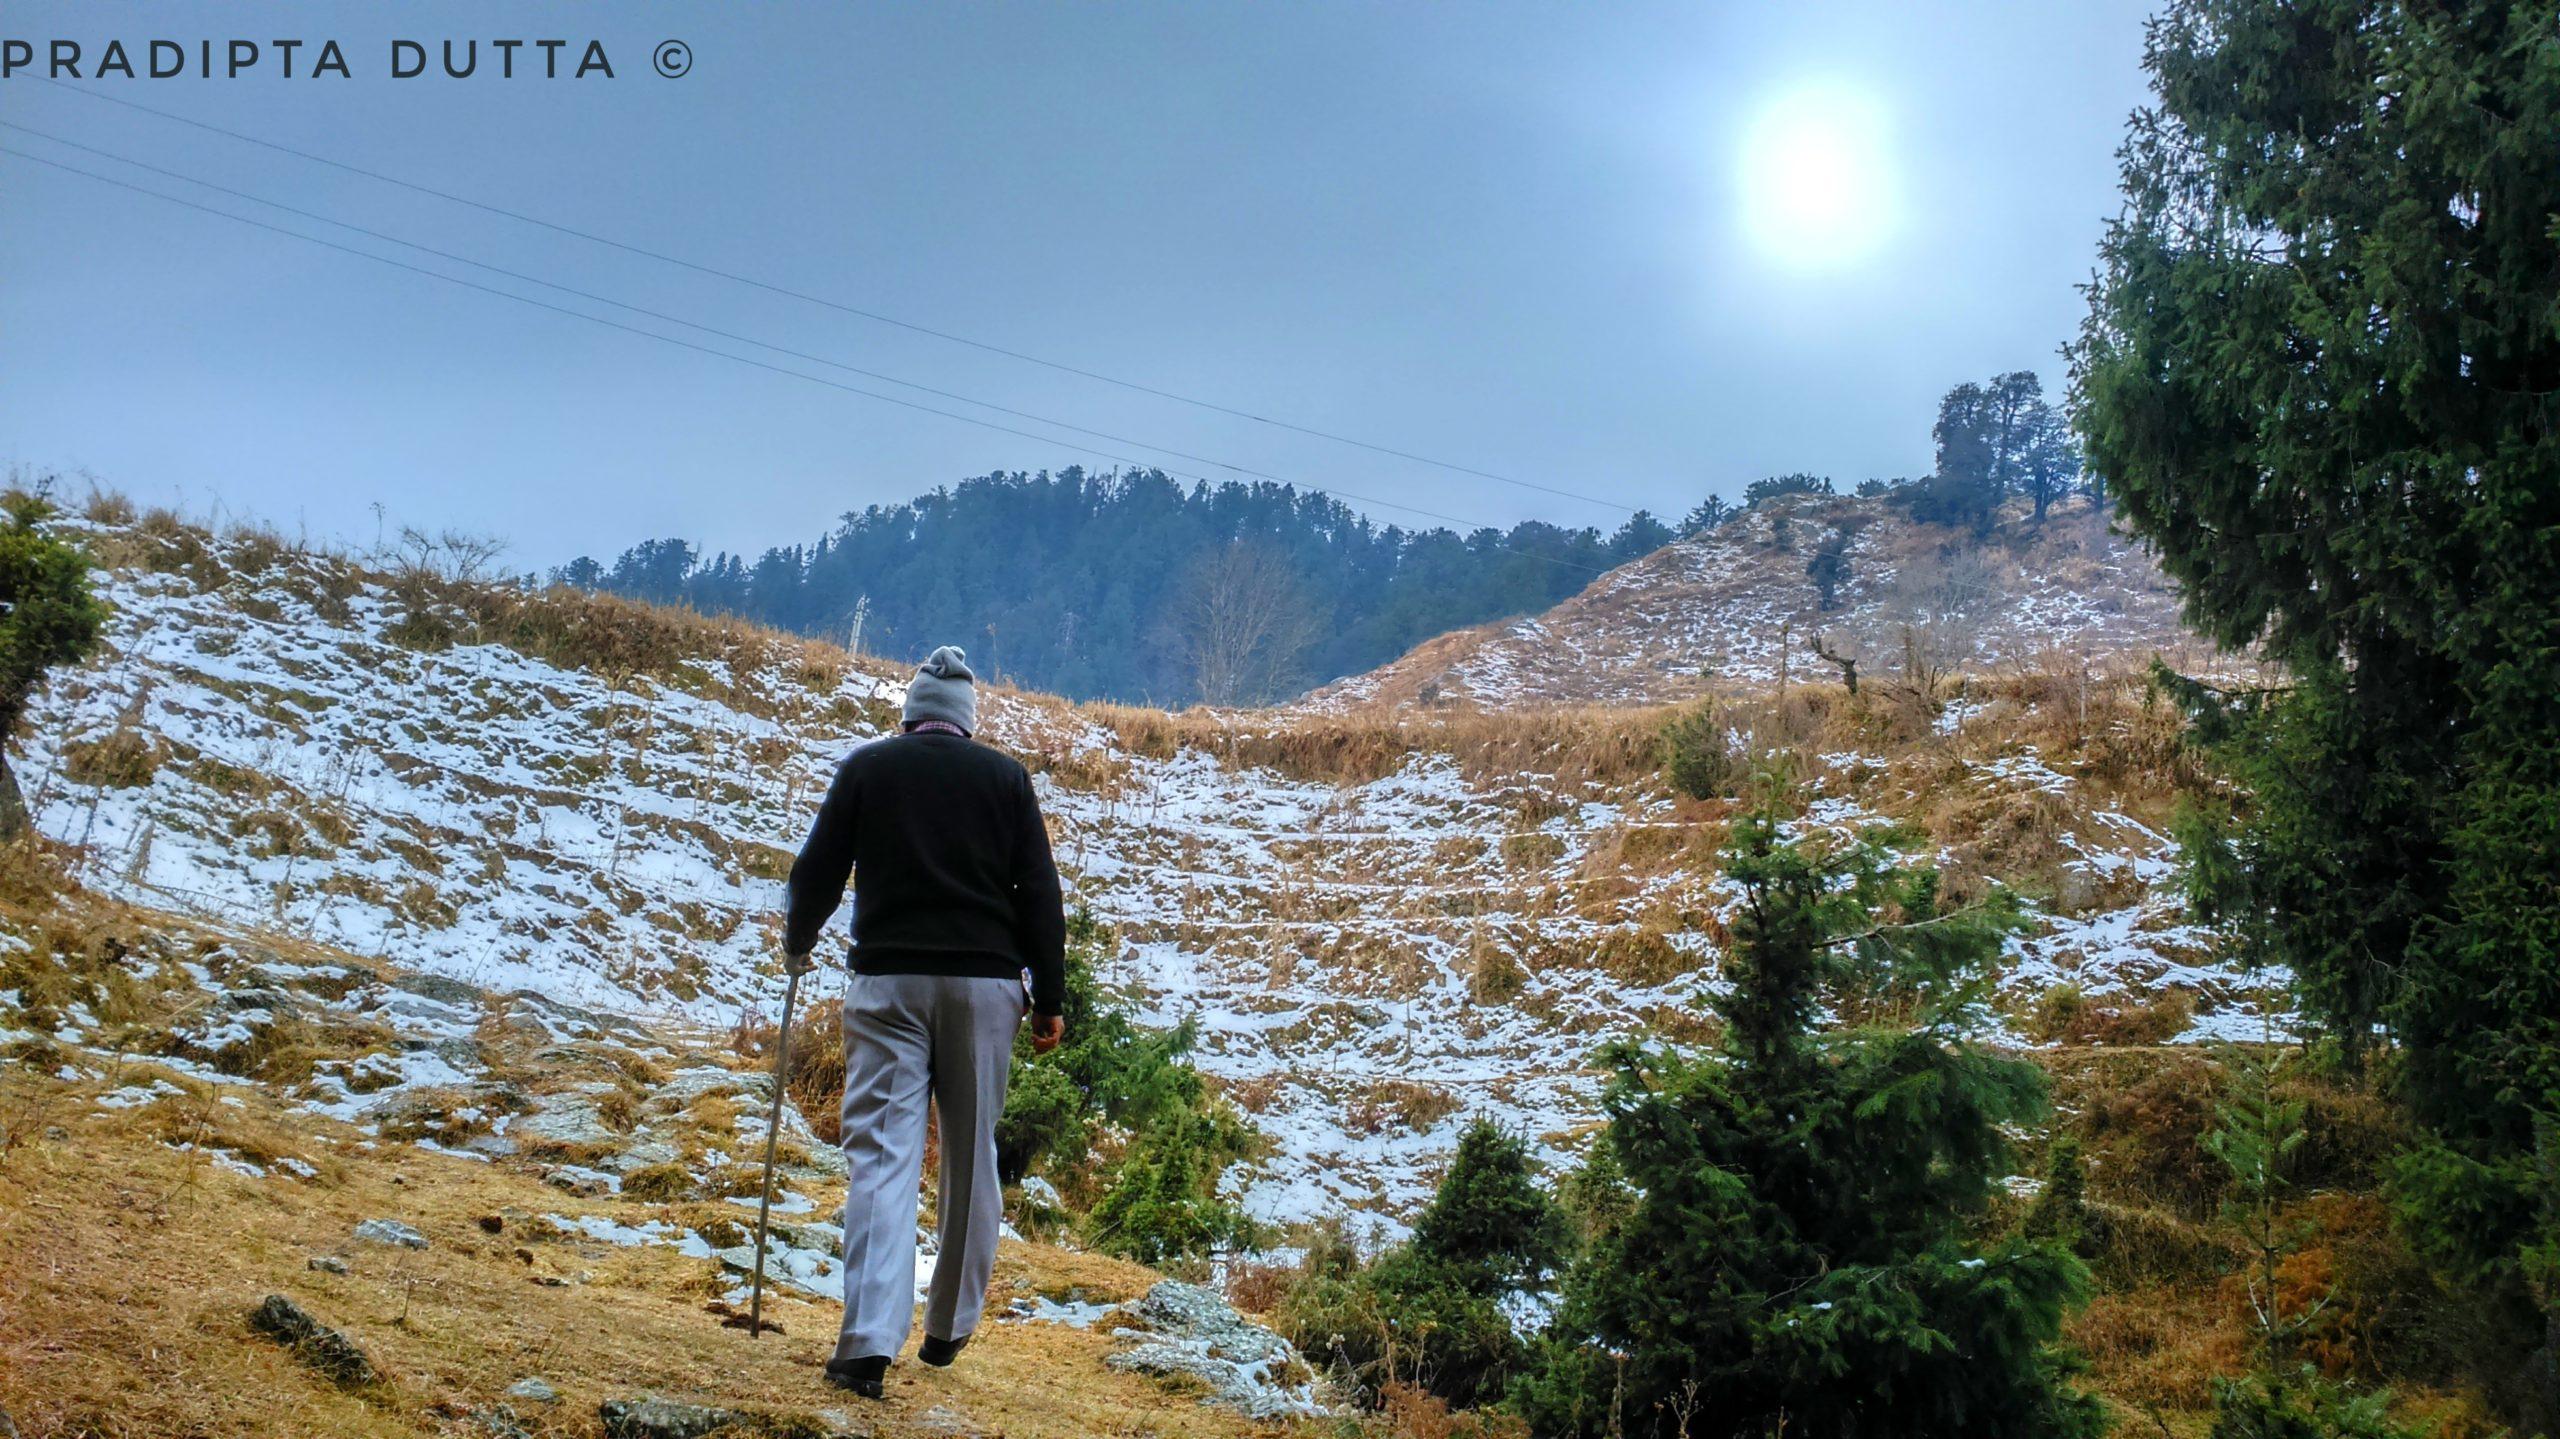 Pradipta Dutta Pic-1